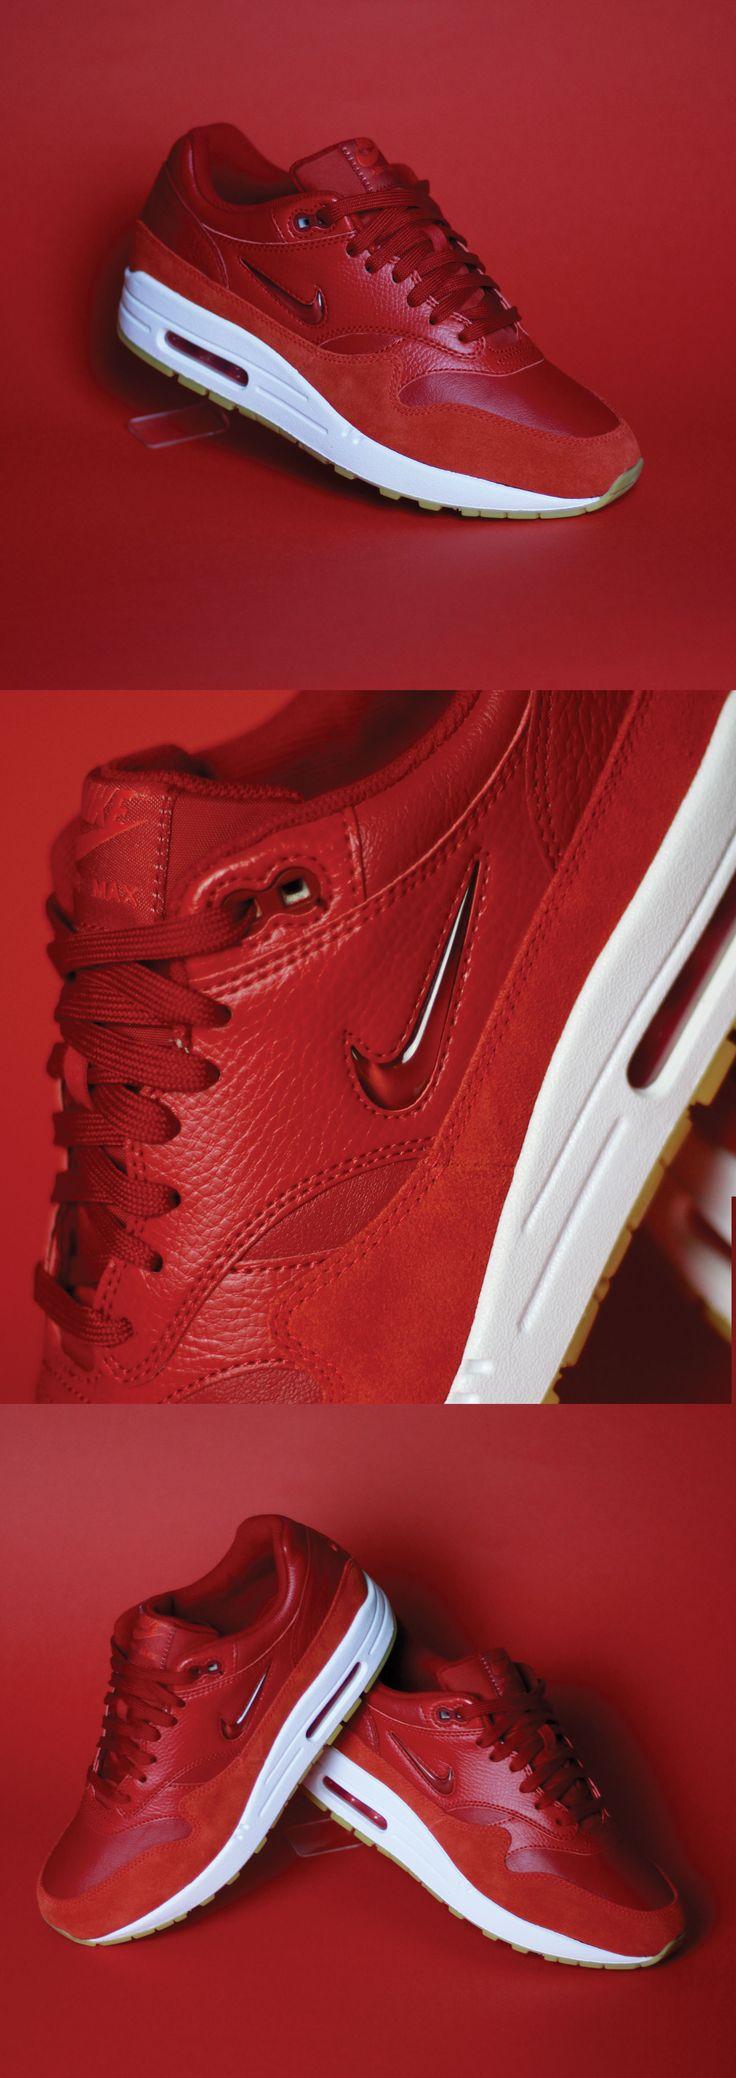 """Nike Air Max 1 Premium SC Jewel """"Gym Red"""" #sneakers #nike Con las líneas de diseño cosidas y la amortiguación visible de las originales, las zapatillas Air Max 1 Premium SC para hombre destacan con el logotipo Swoosh."""